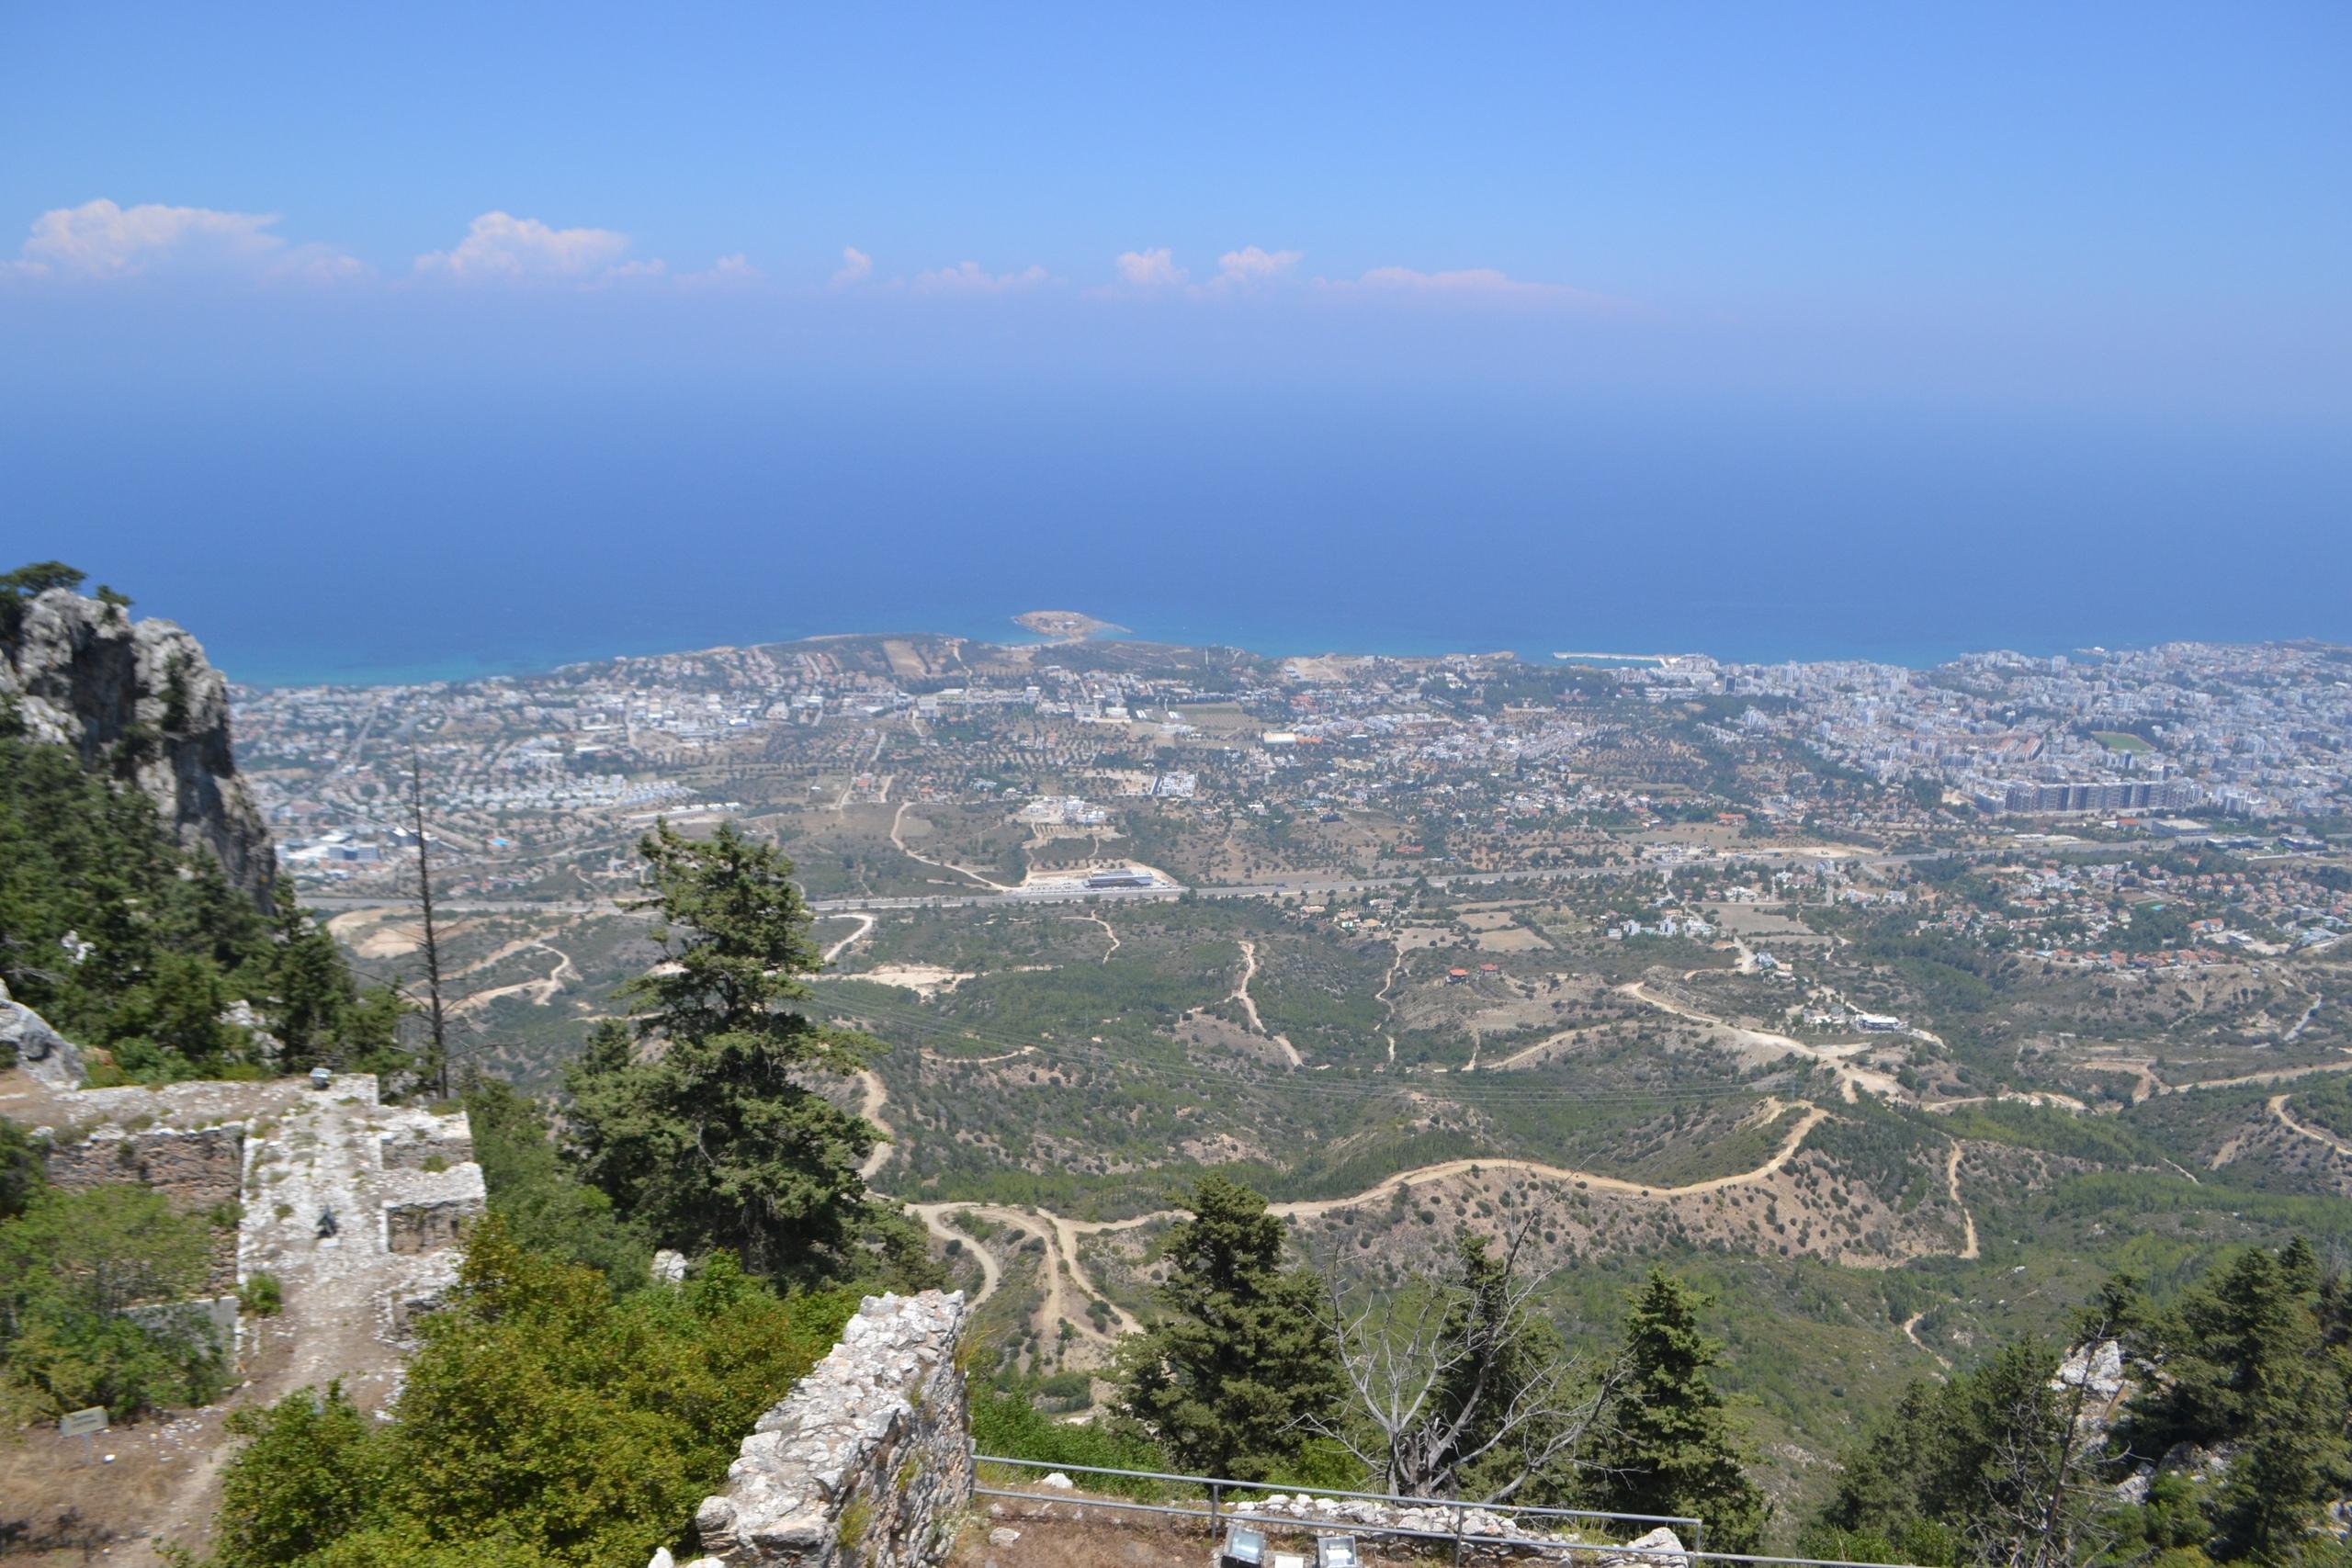 Северный Кипр. Замок Святого Иллариона. (фото). - Страница 2 S7B0uoLBKMM